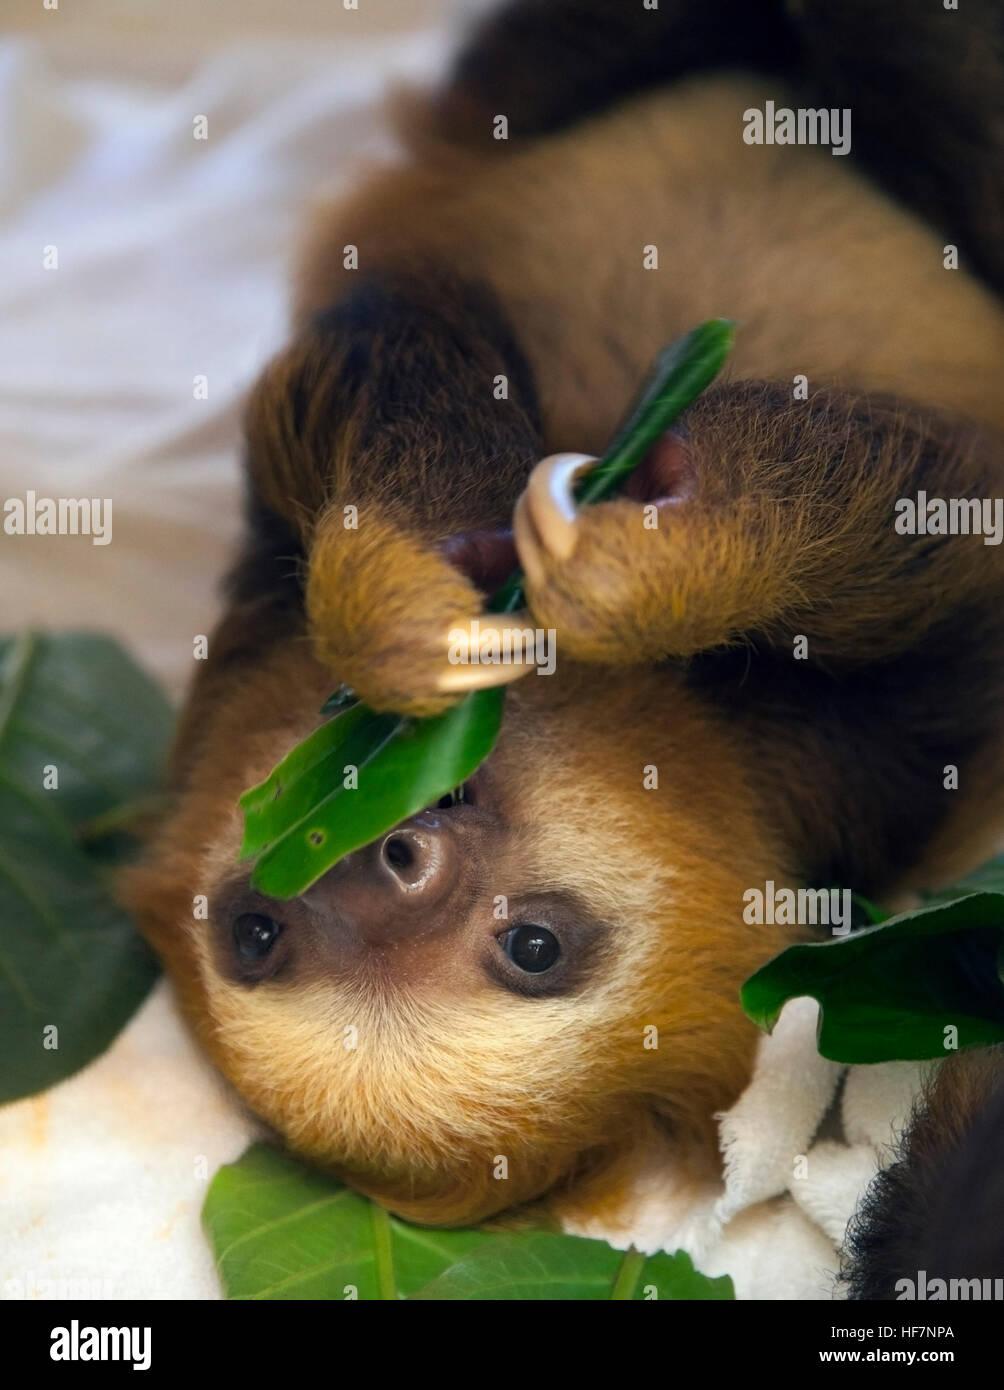 Les deux orphelins bébé Hoffmann-toed Sloth (Choloepus hoffmanni) se nourrissent de feuilles à la Photo Stock